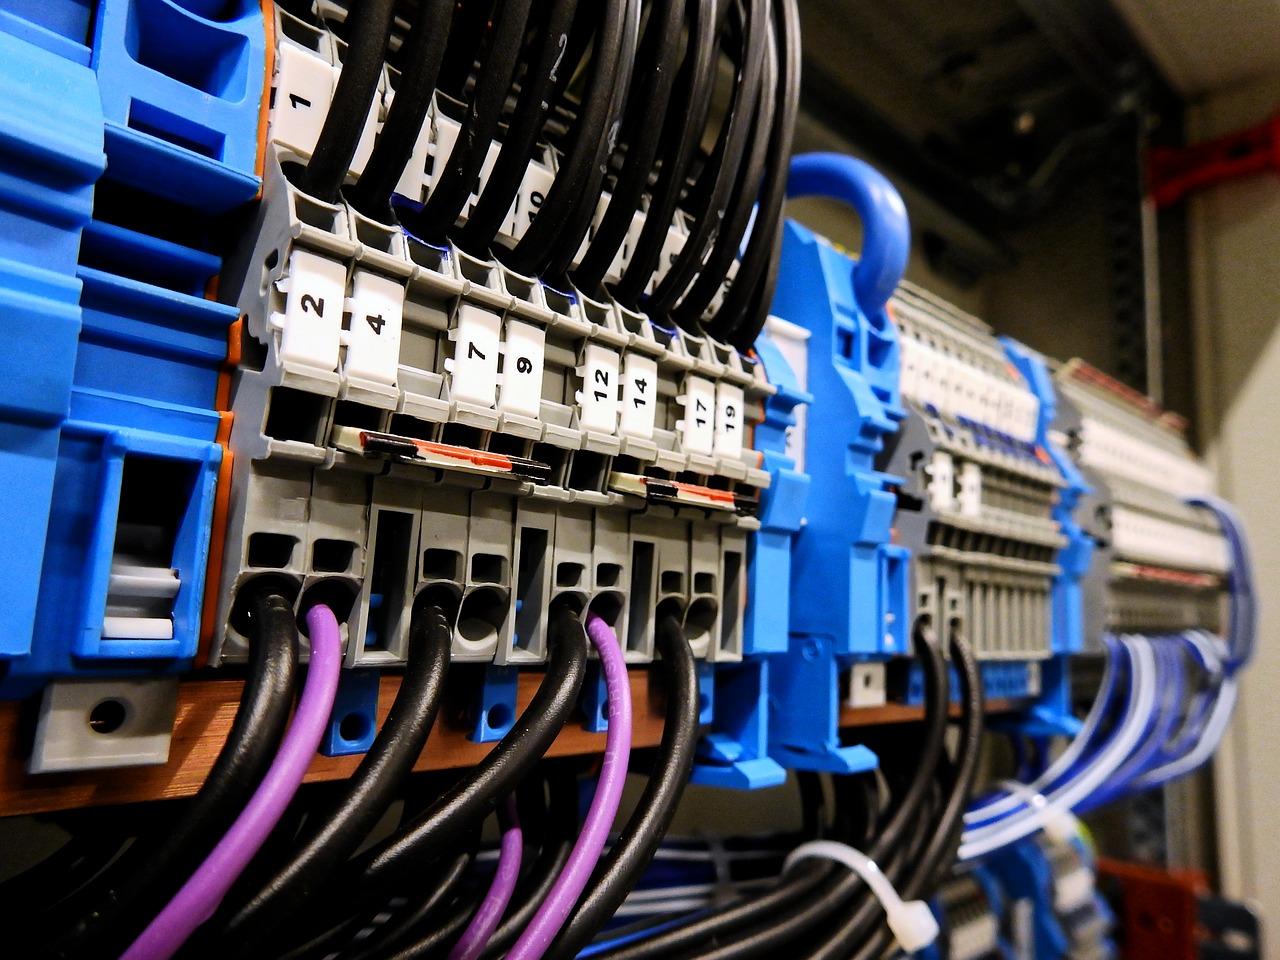 Pomiary instalacji elektrycznej. Dlaczego są ważne i kto jest za nie odpowiedzialny?